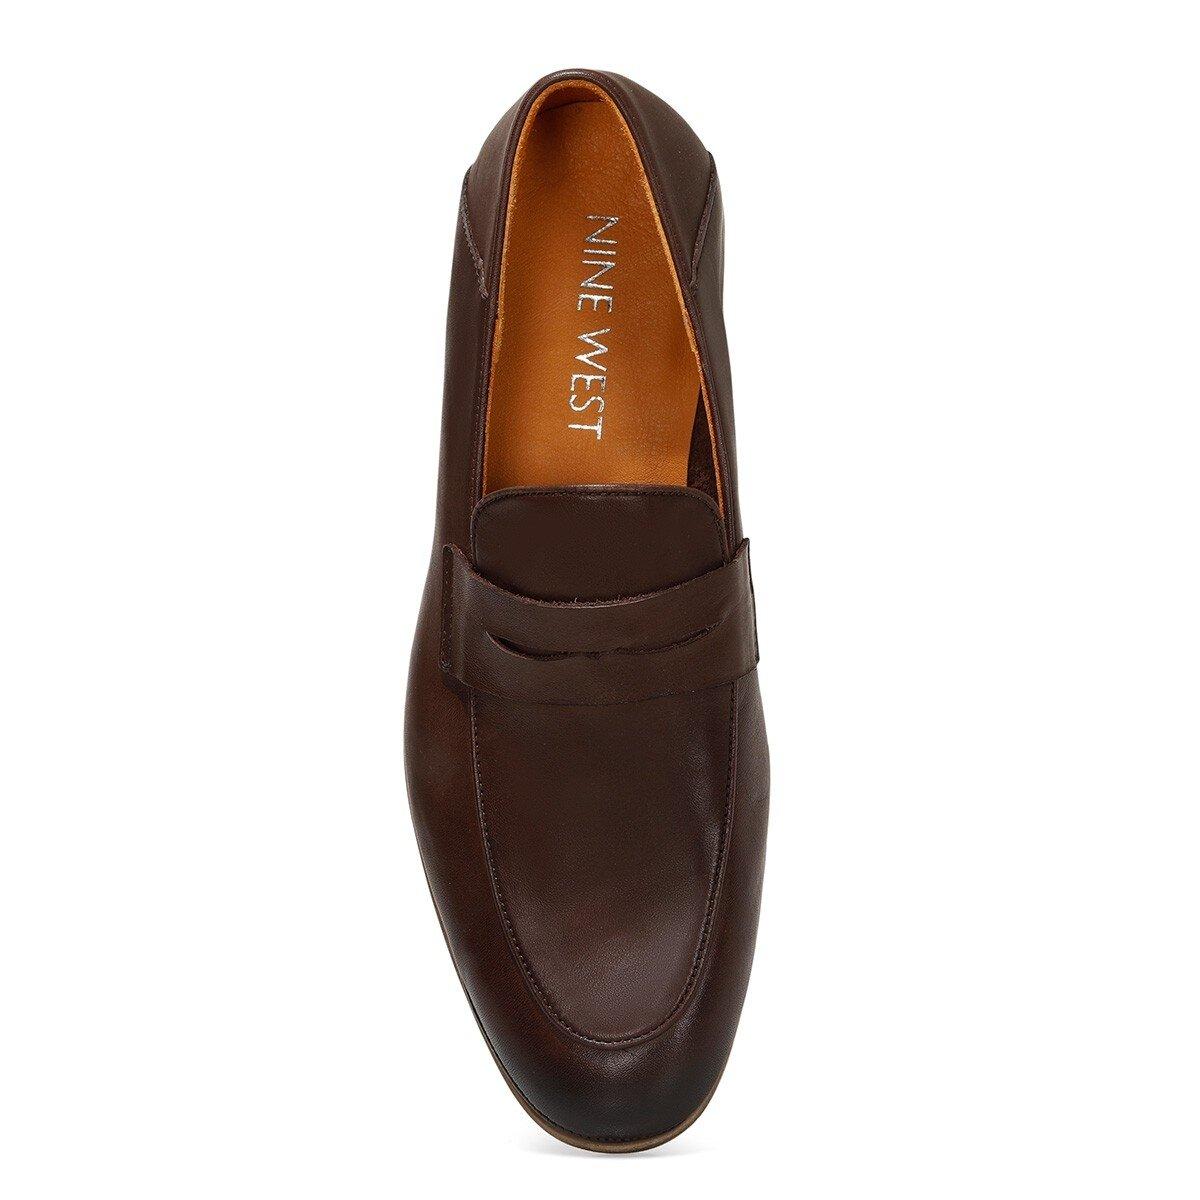 HUNA 1FX Kahverengi Erkek Klasik Ayakkabı